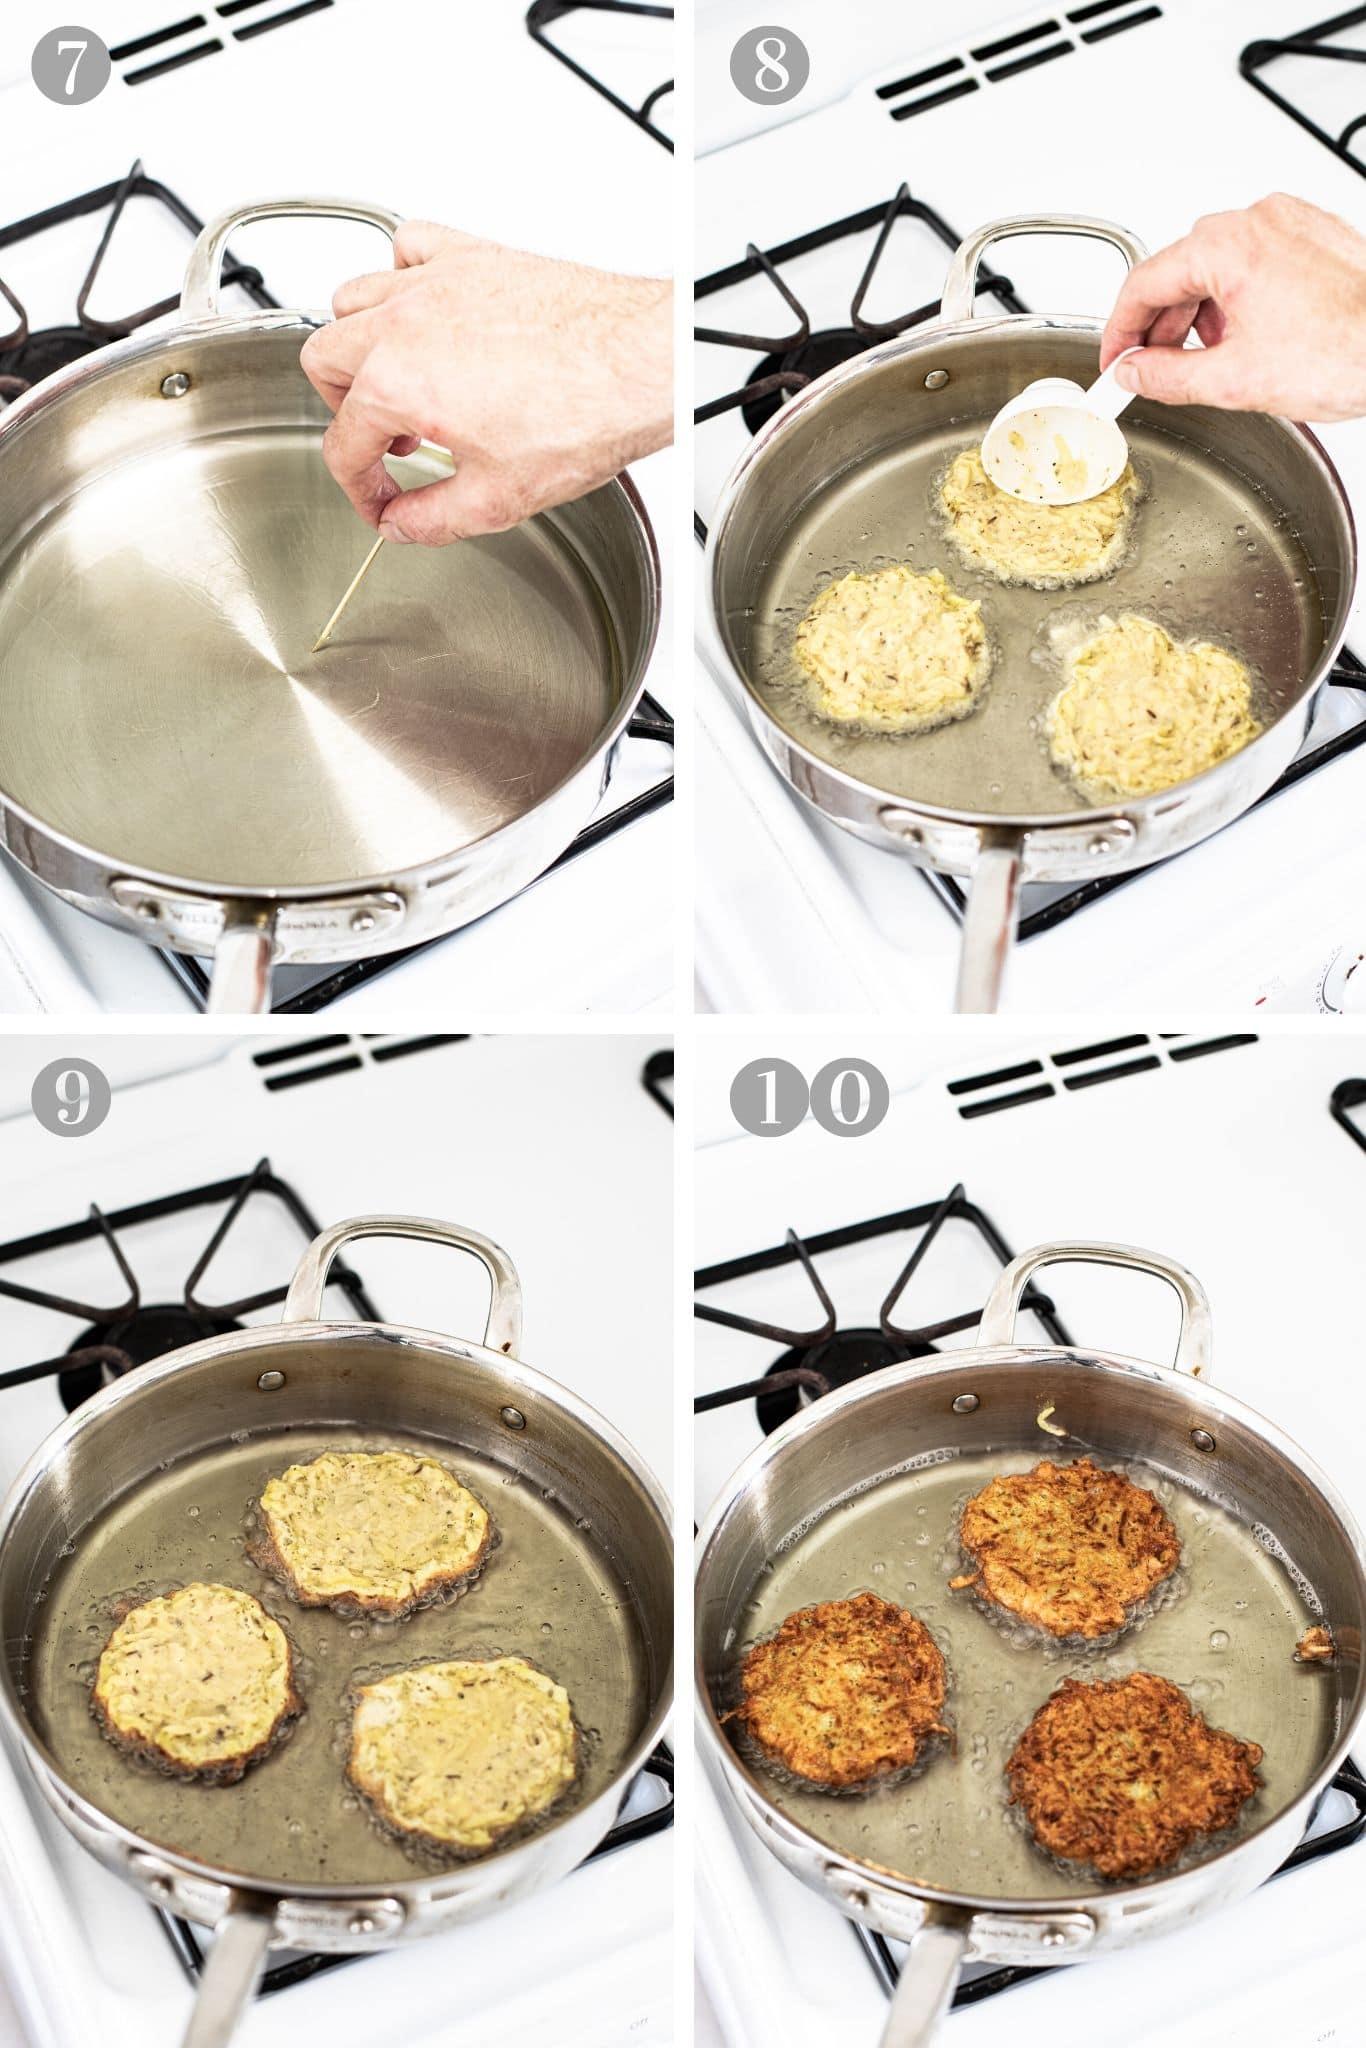 Steps to fry Czech potato pancakes (bramboráky) from verygoodcook.com